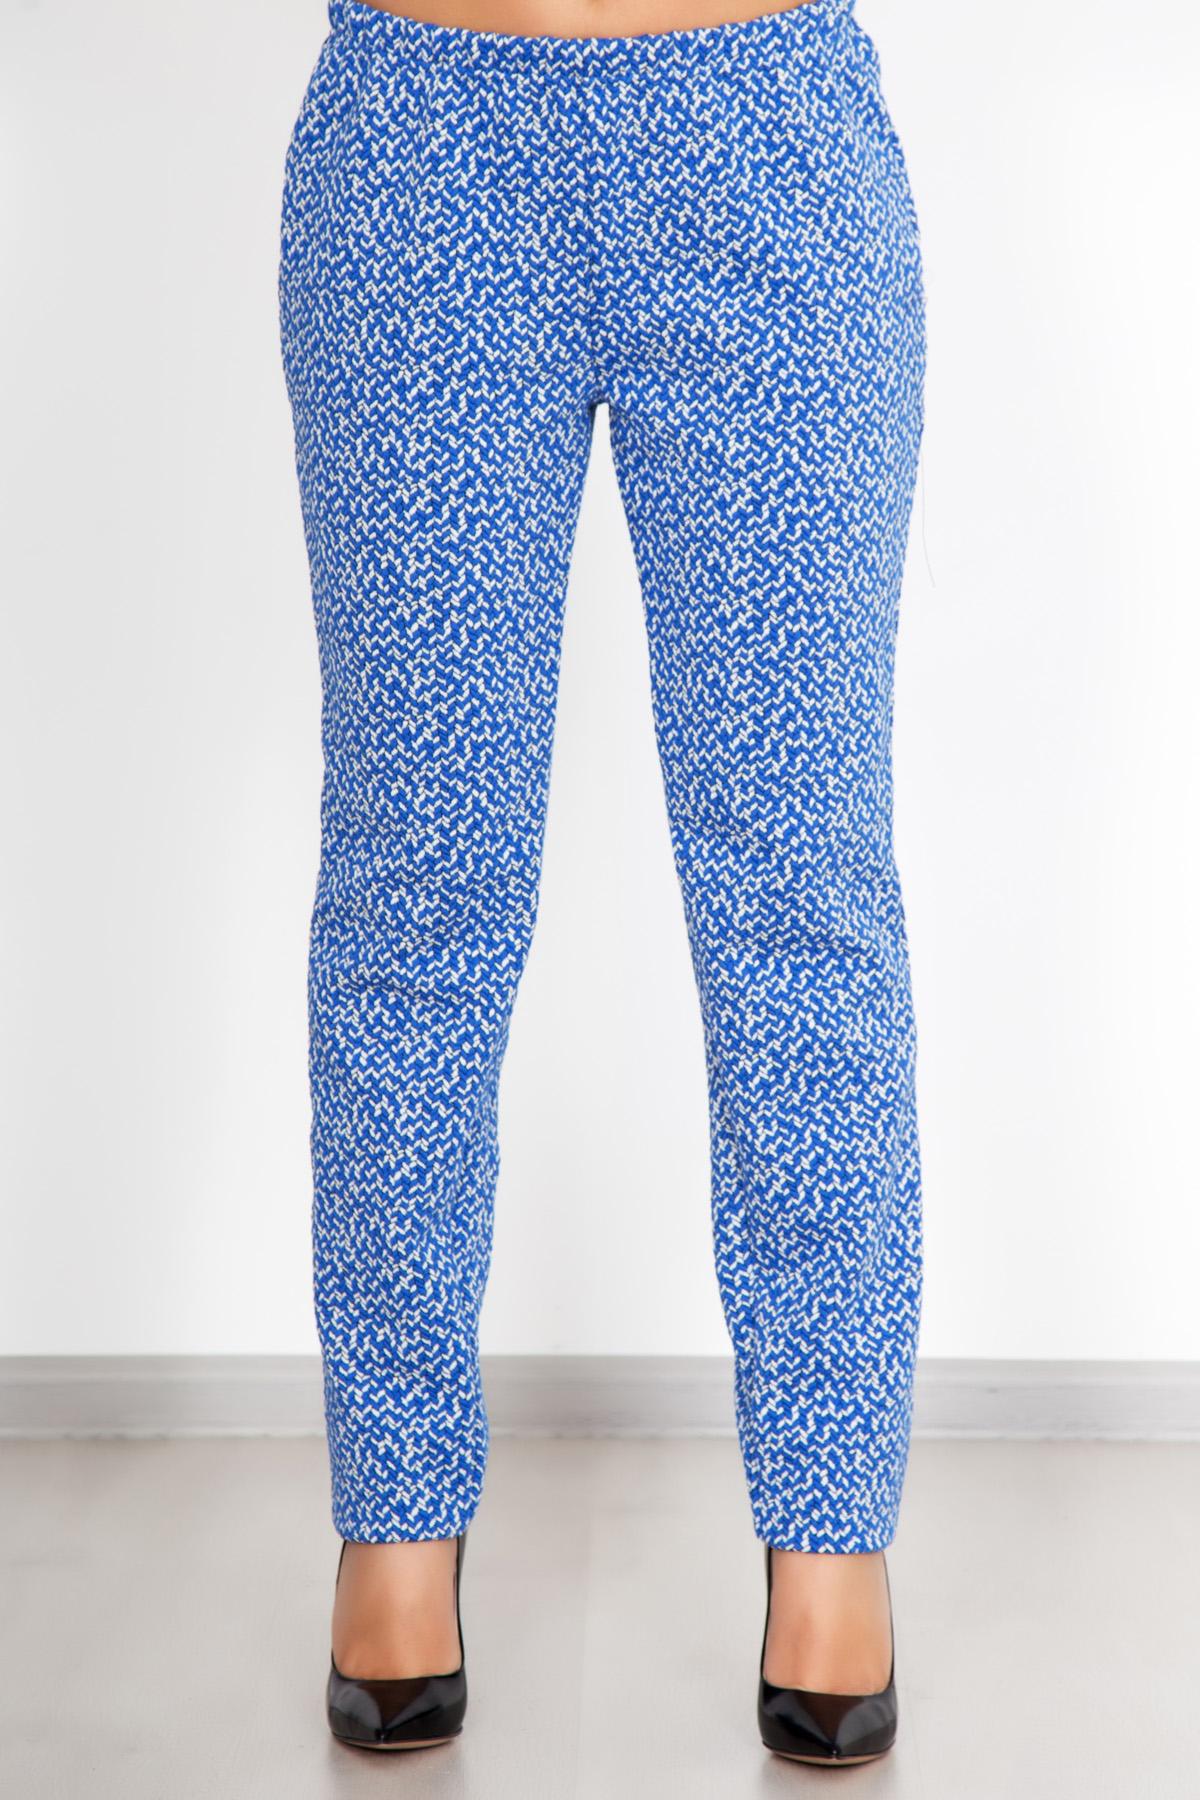 Жен. брюки  Дудочки  Голубой р. 46 - Женская одежда артикул: 25557